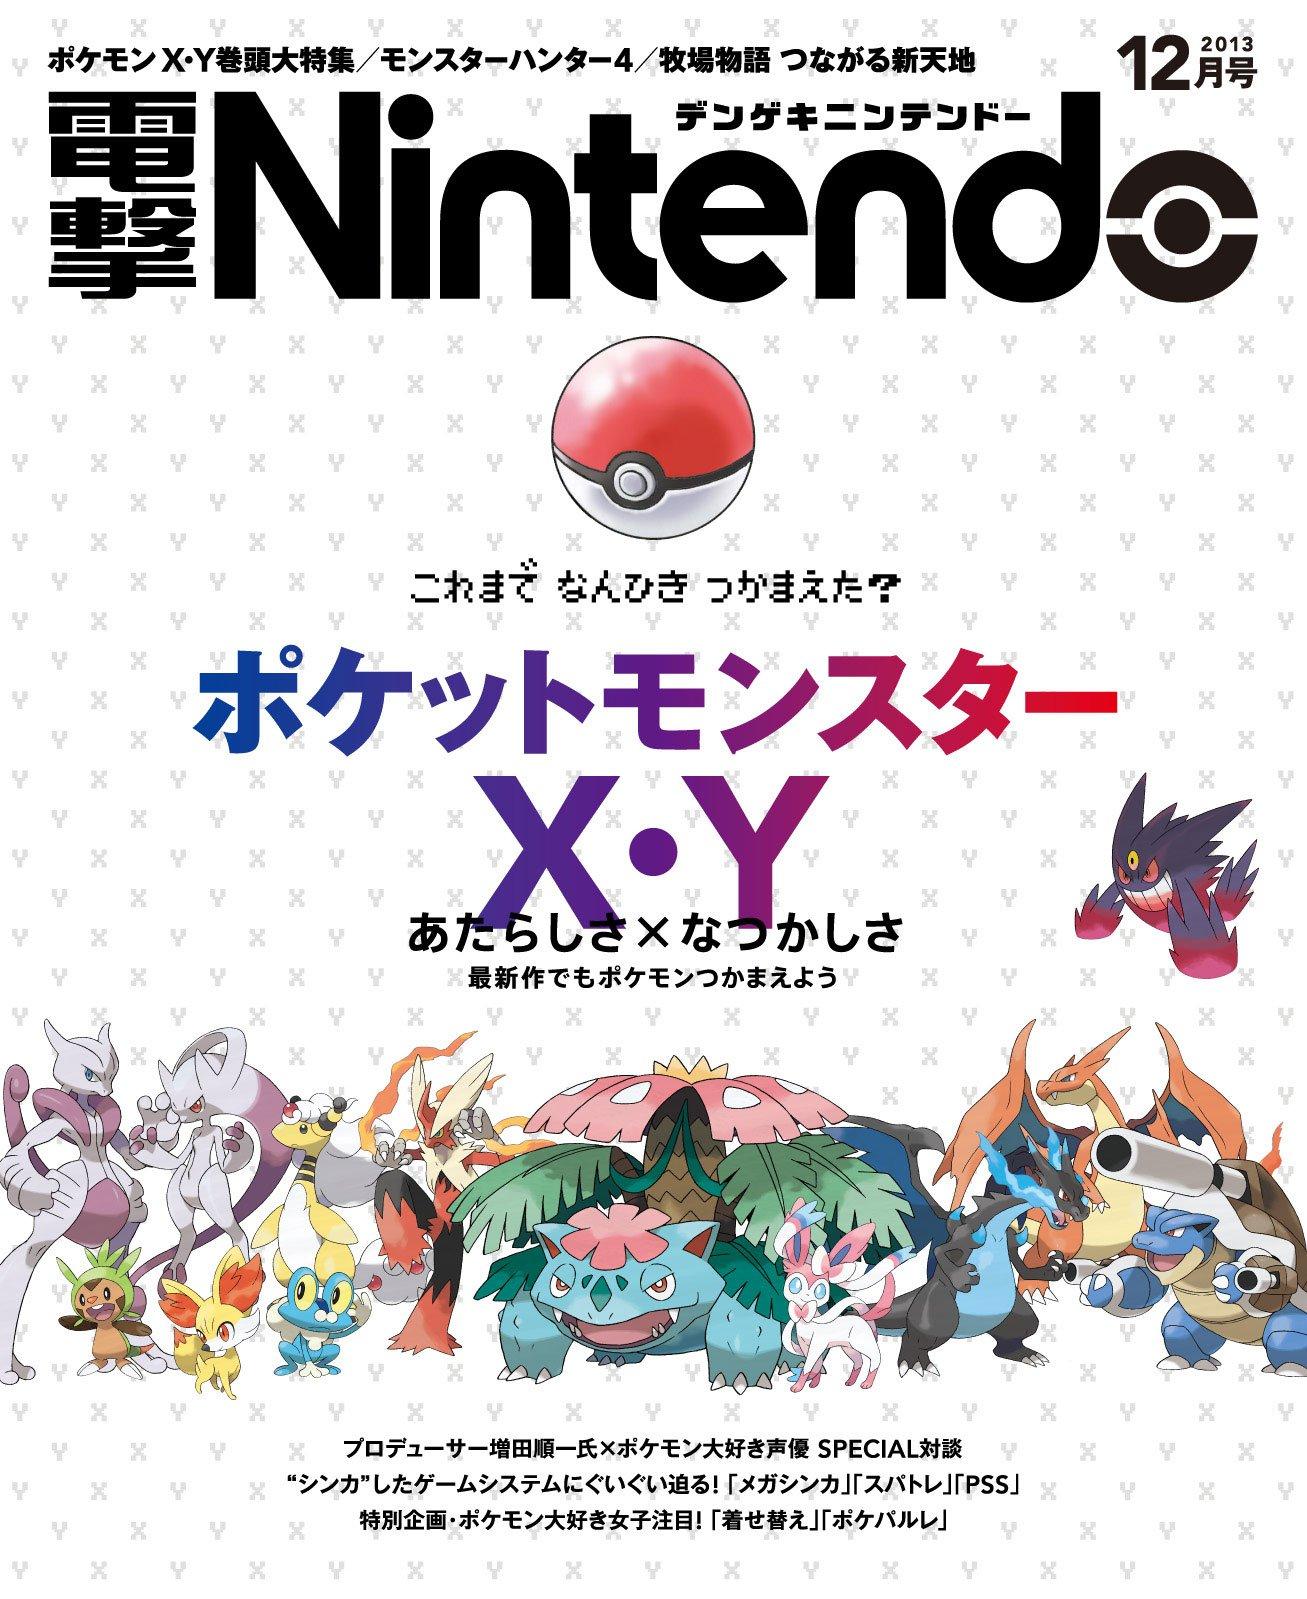 Dengeki Nintendo Issue 007 (December 2013)